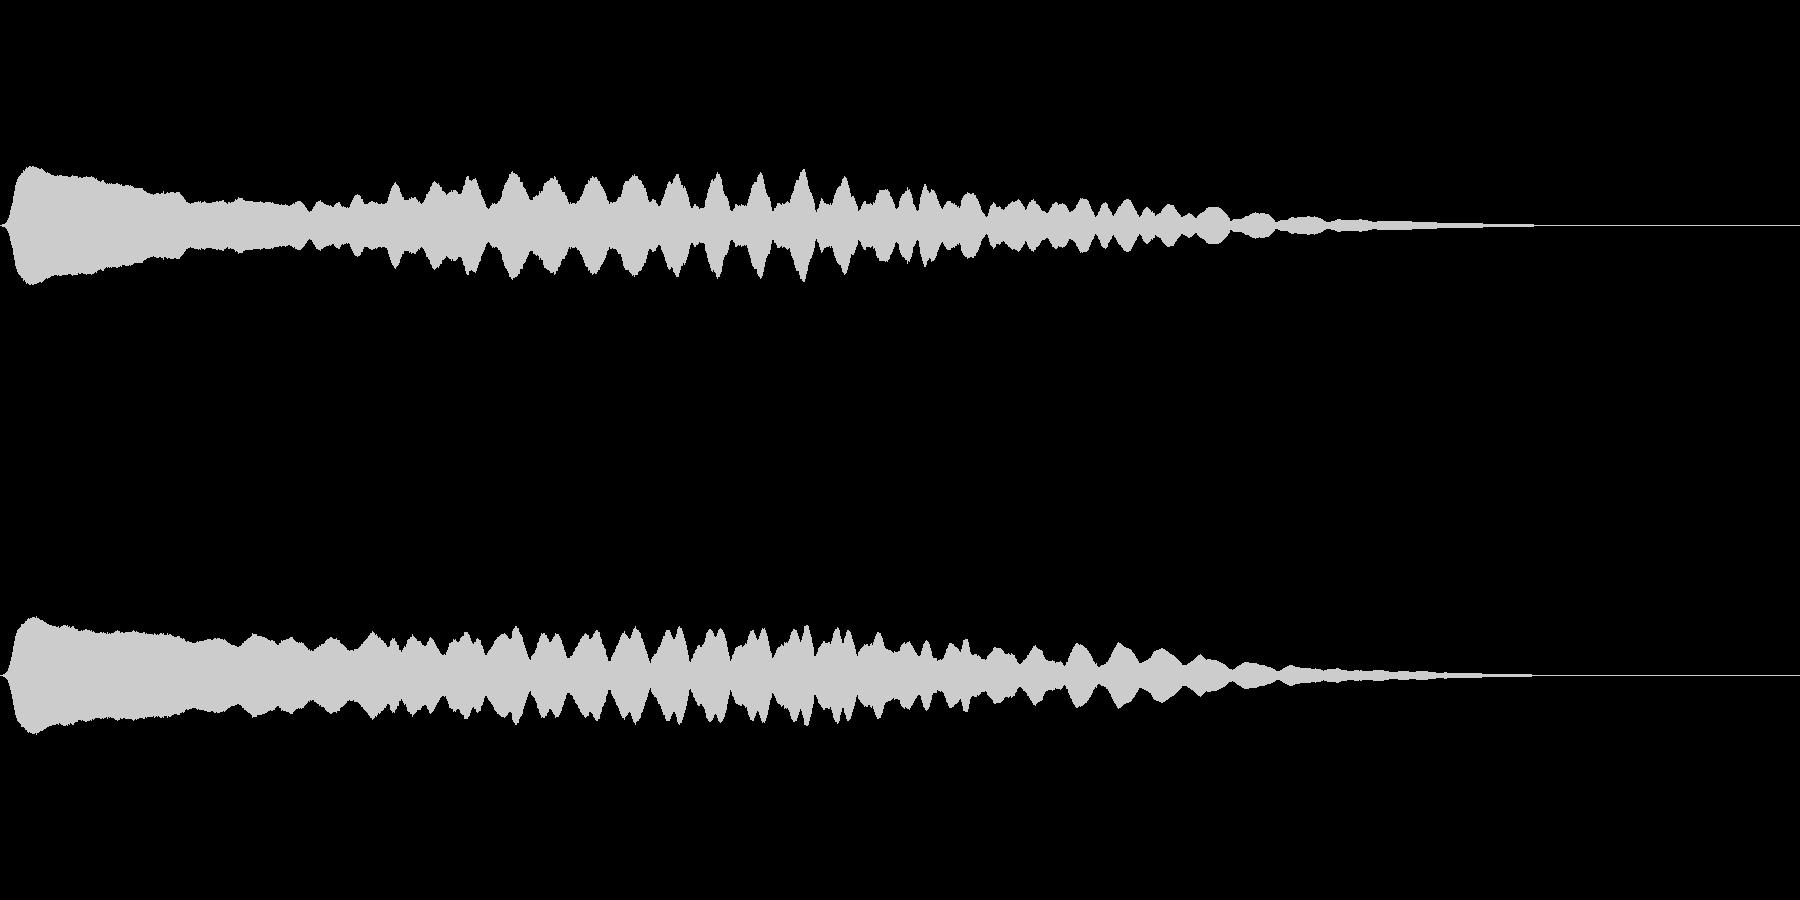 生演奏による尺八一吹きの未再生の波形